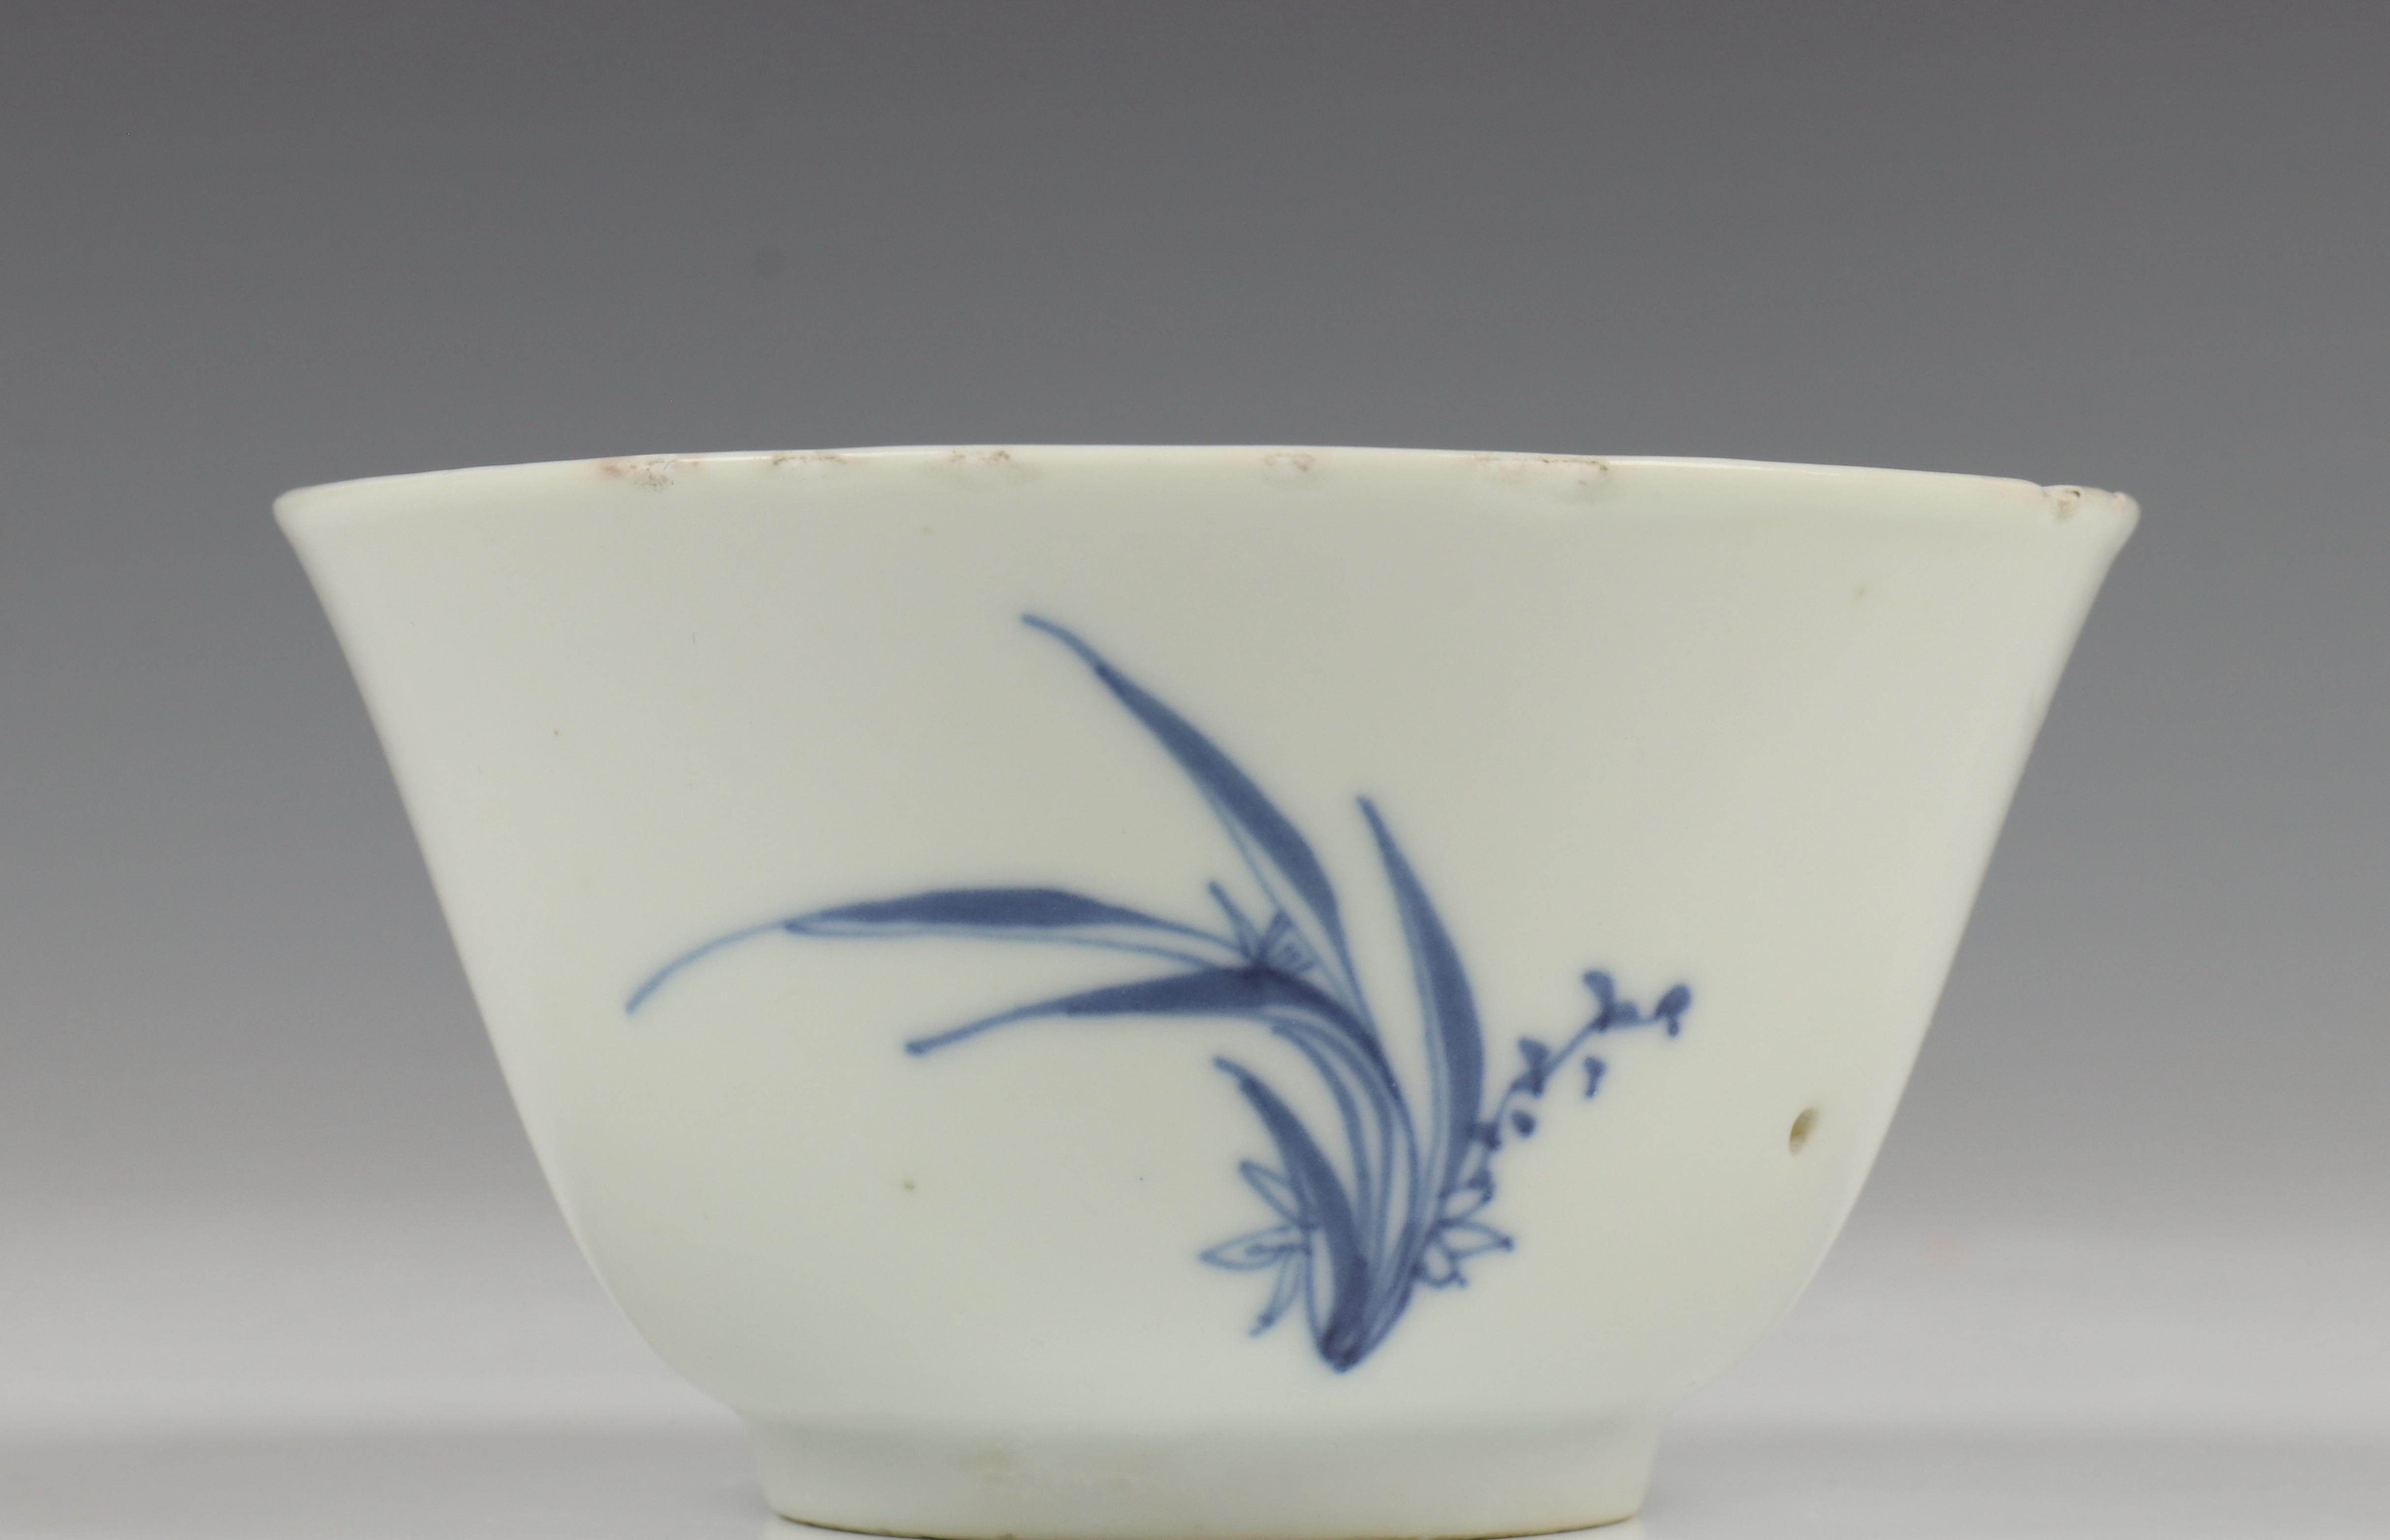 China, blauw wit porsleinen kopje, Ming/Transitional